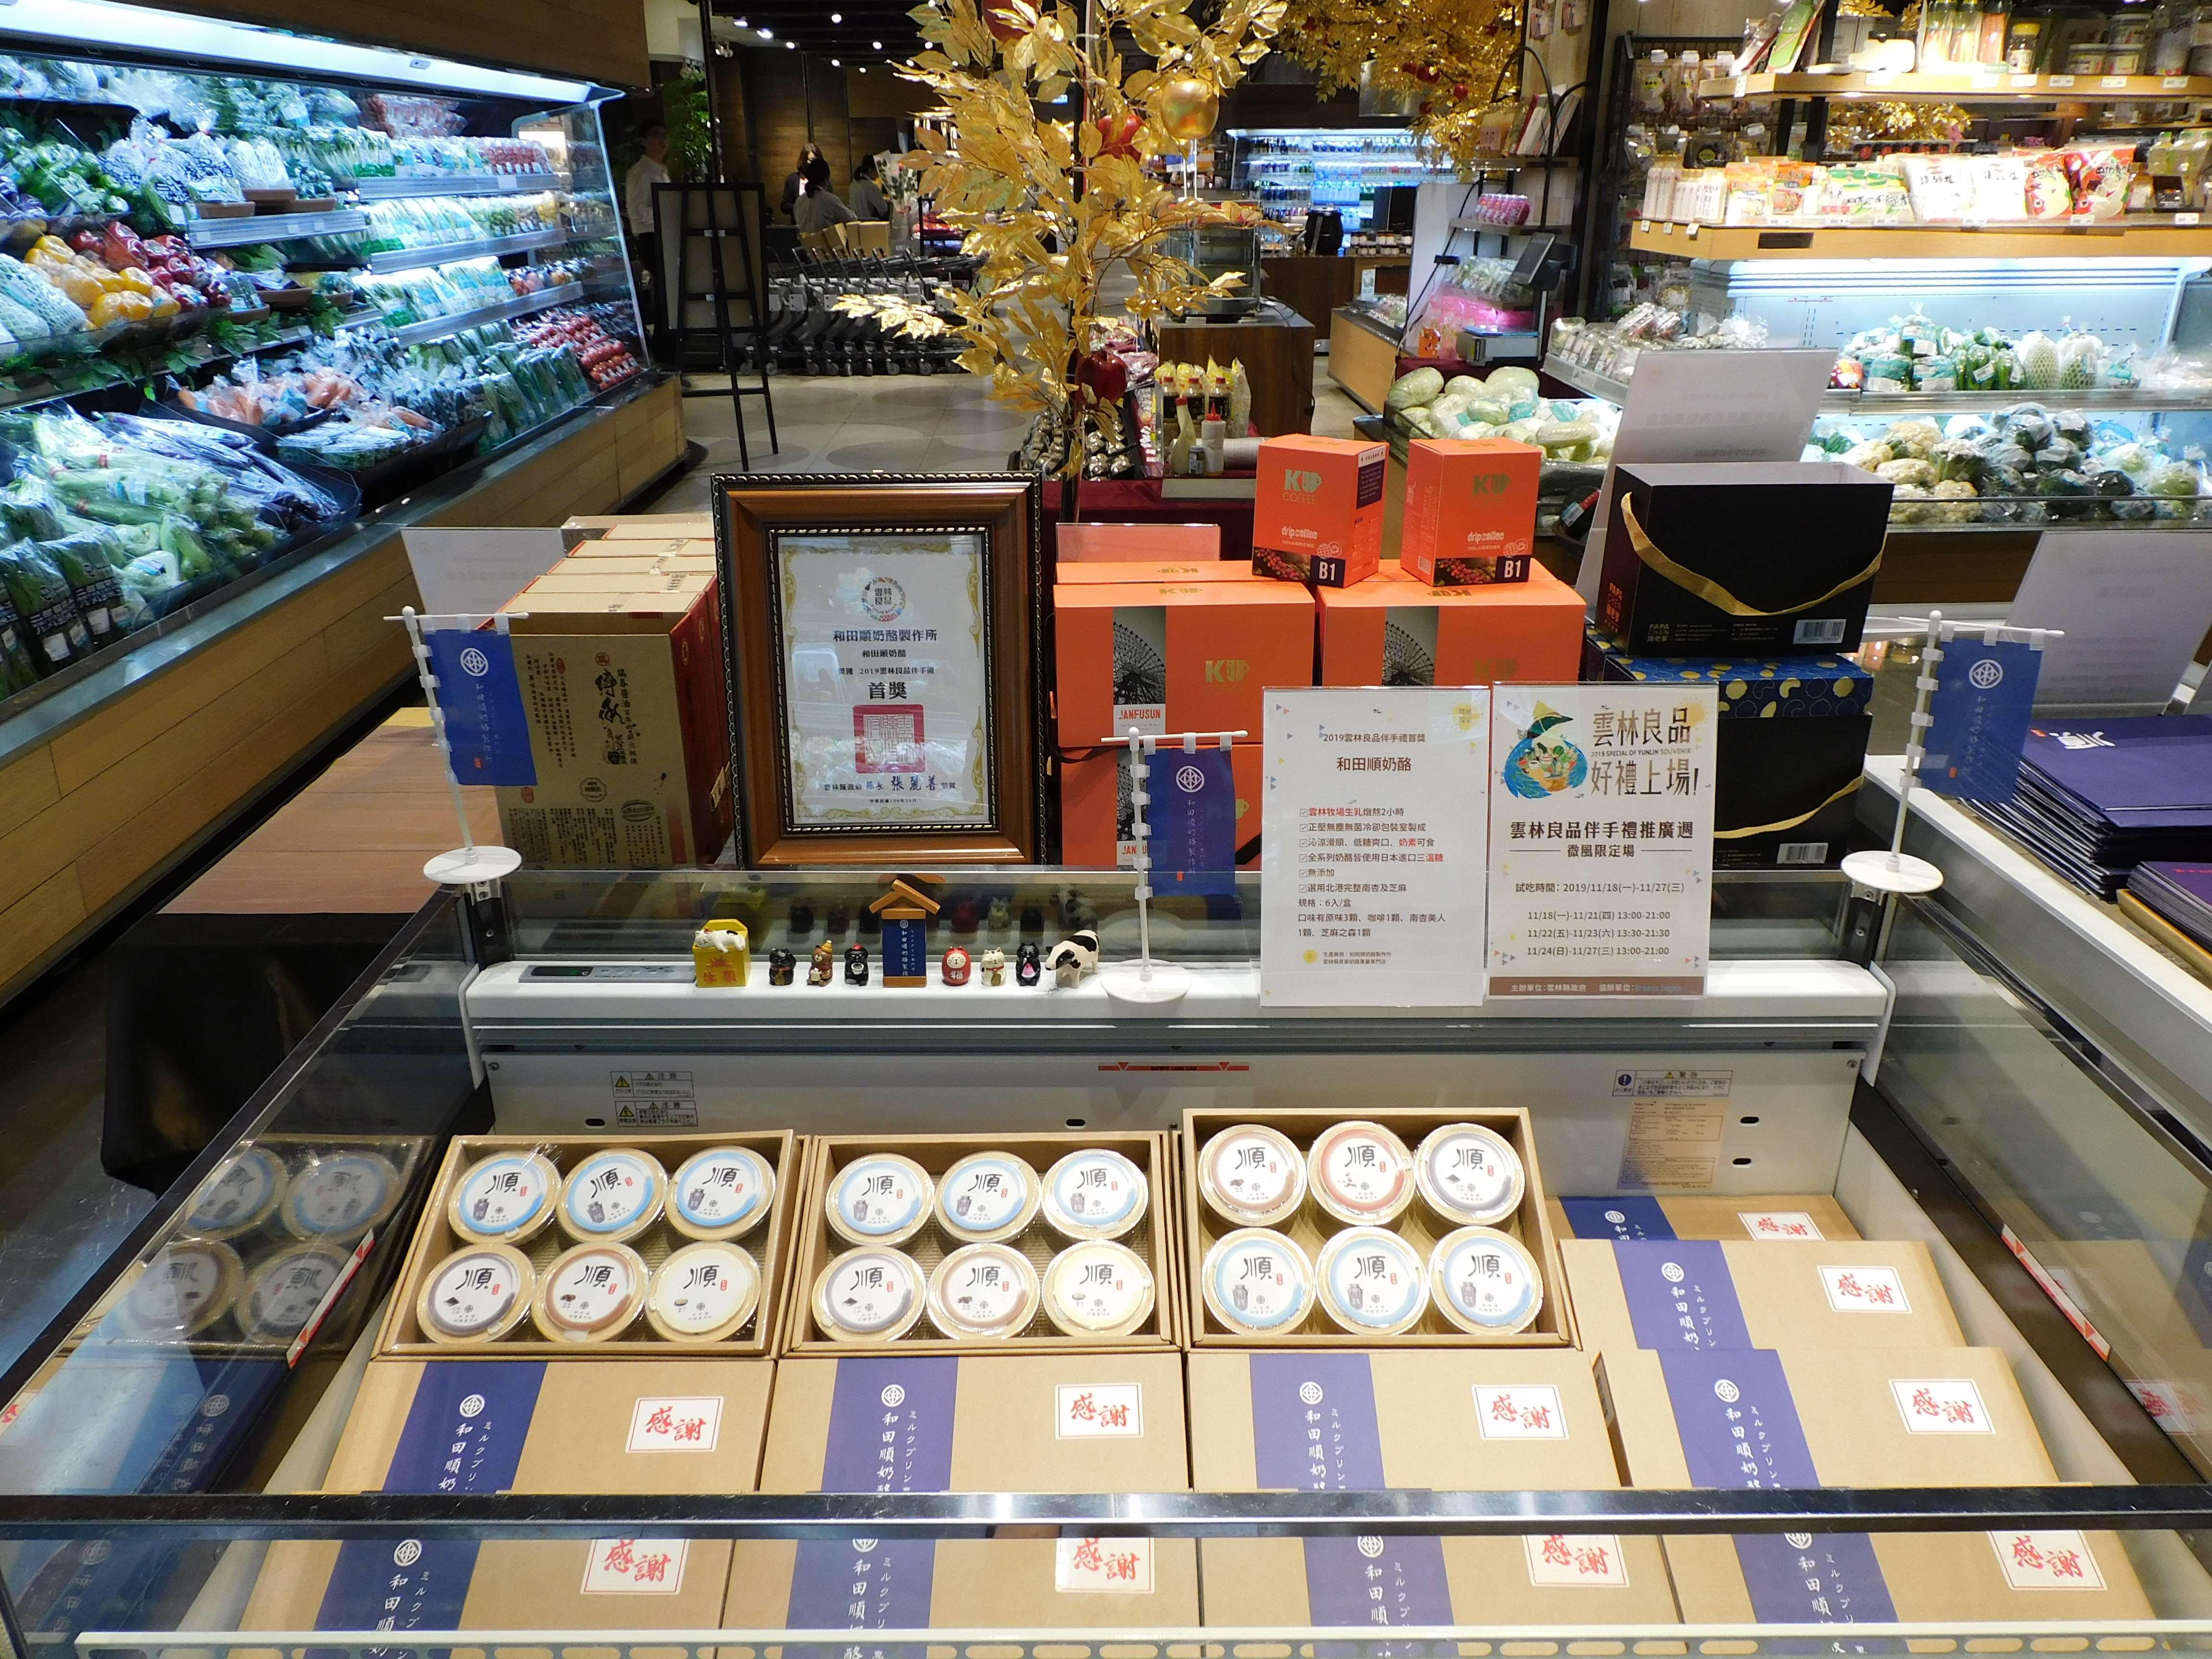 雲林良品伴手禮直送微風超市 為年節送禮打頭陣